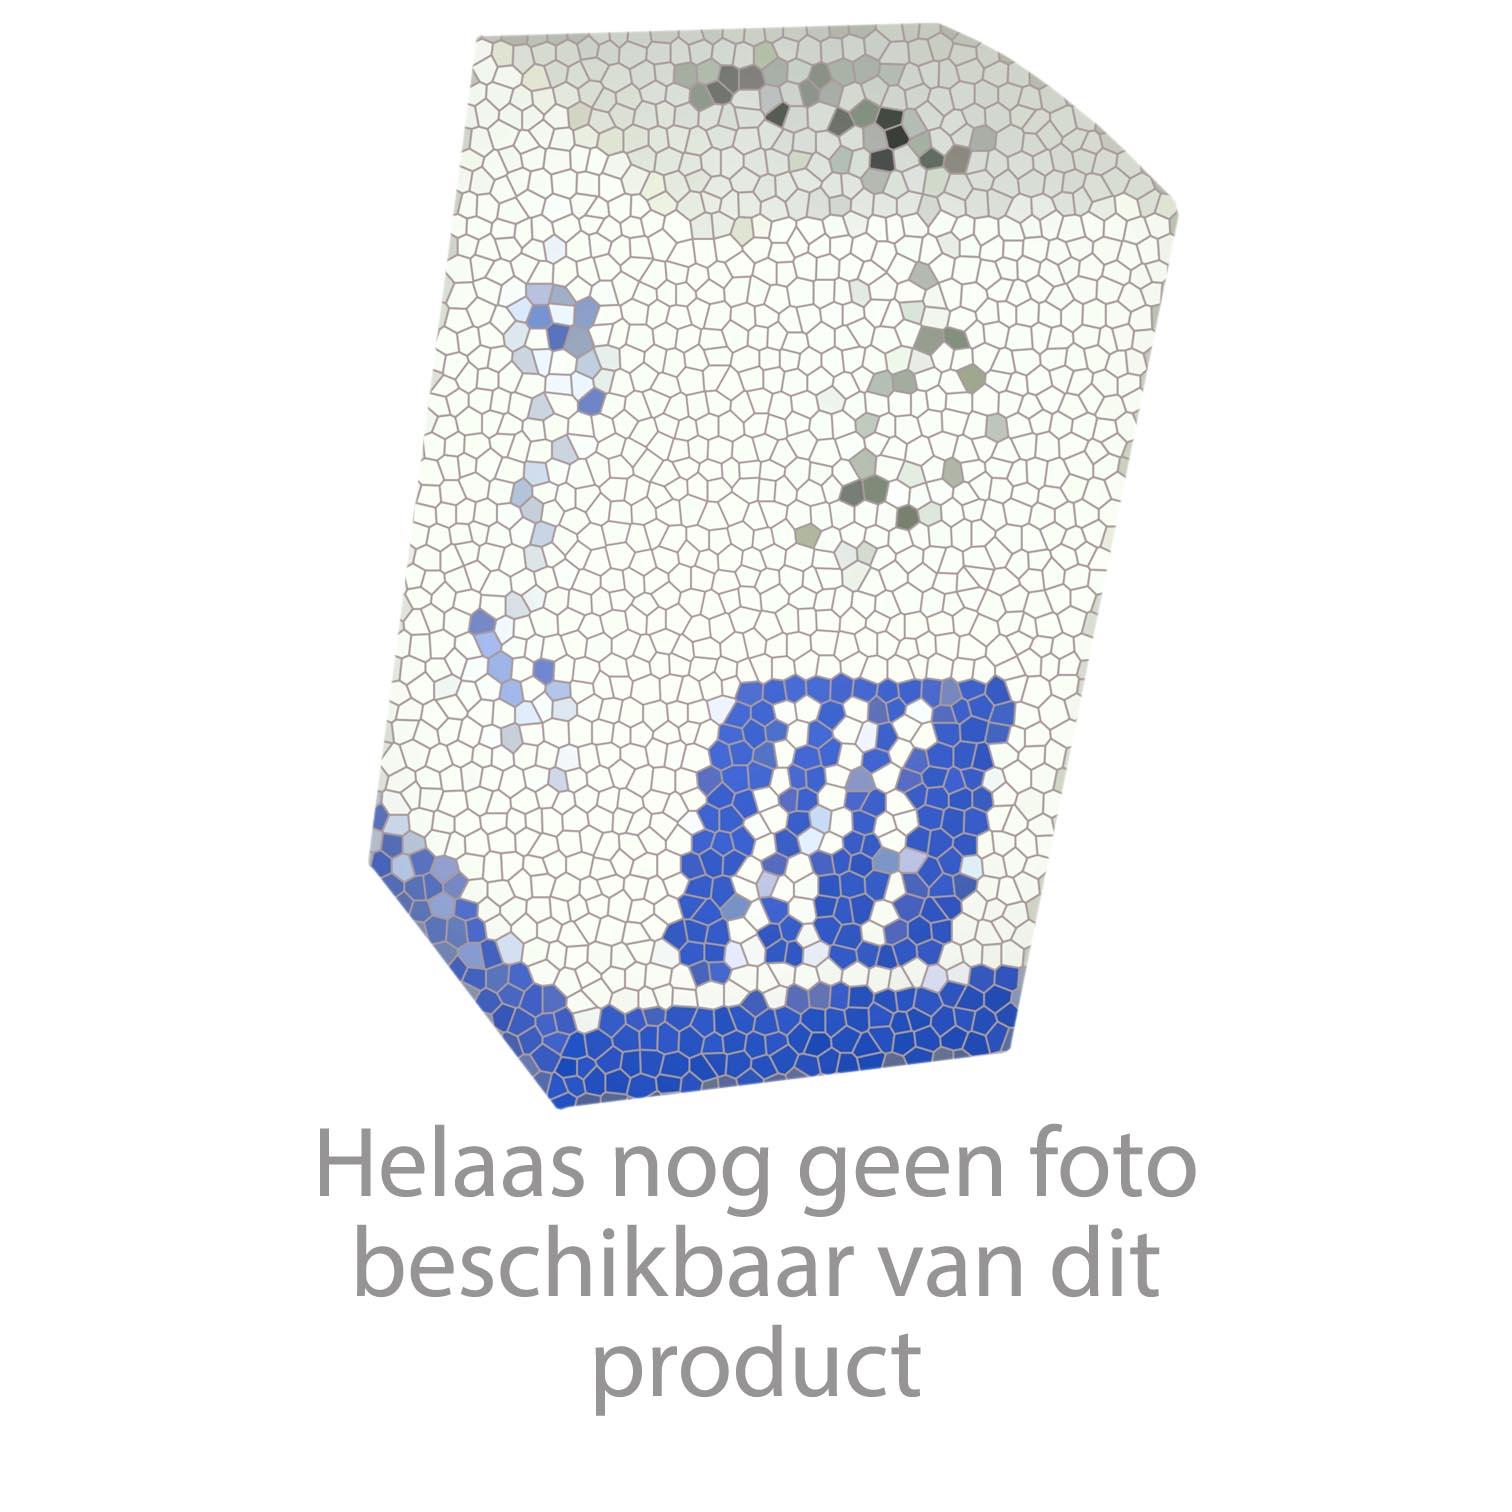 HansGrohe Afvoer- en overloopgarnituren Wastegarnituur productiejaar > 01/91 50001 onderdelen